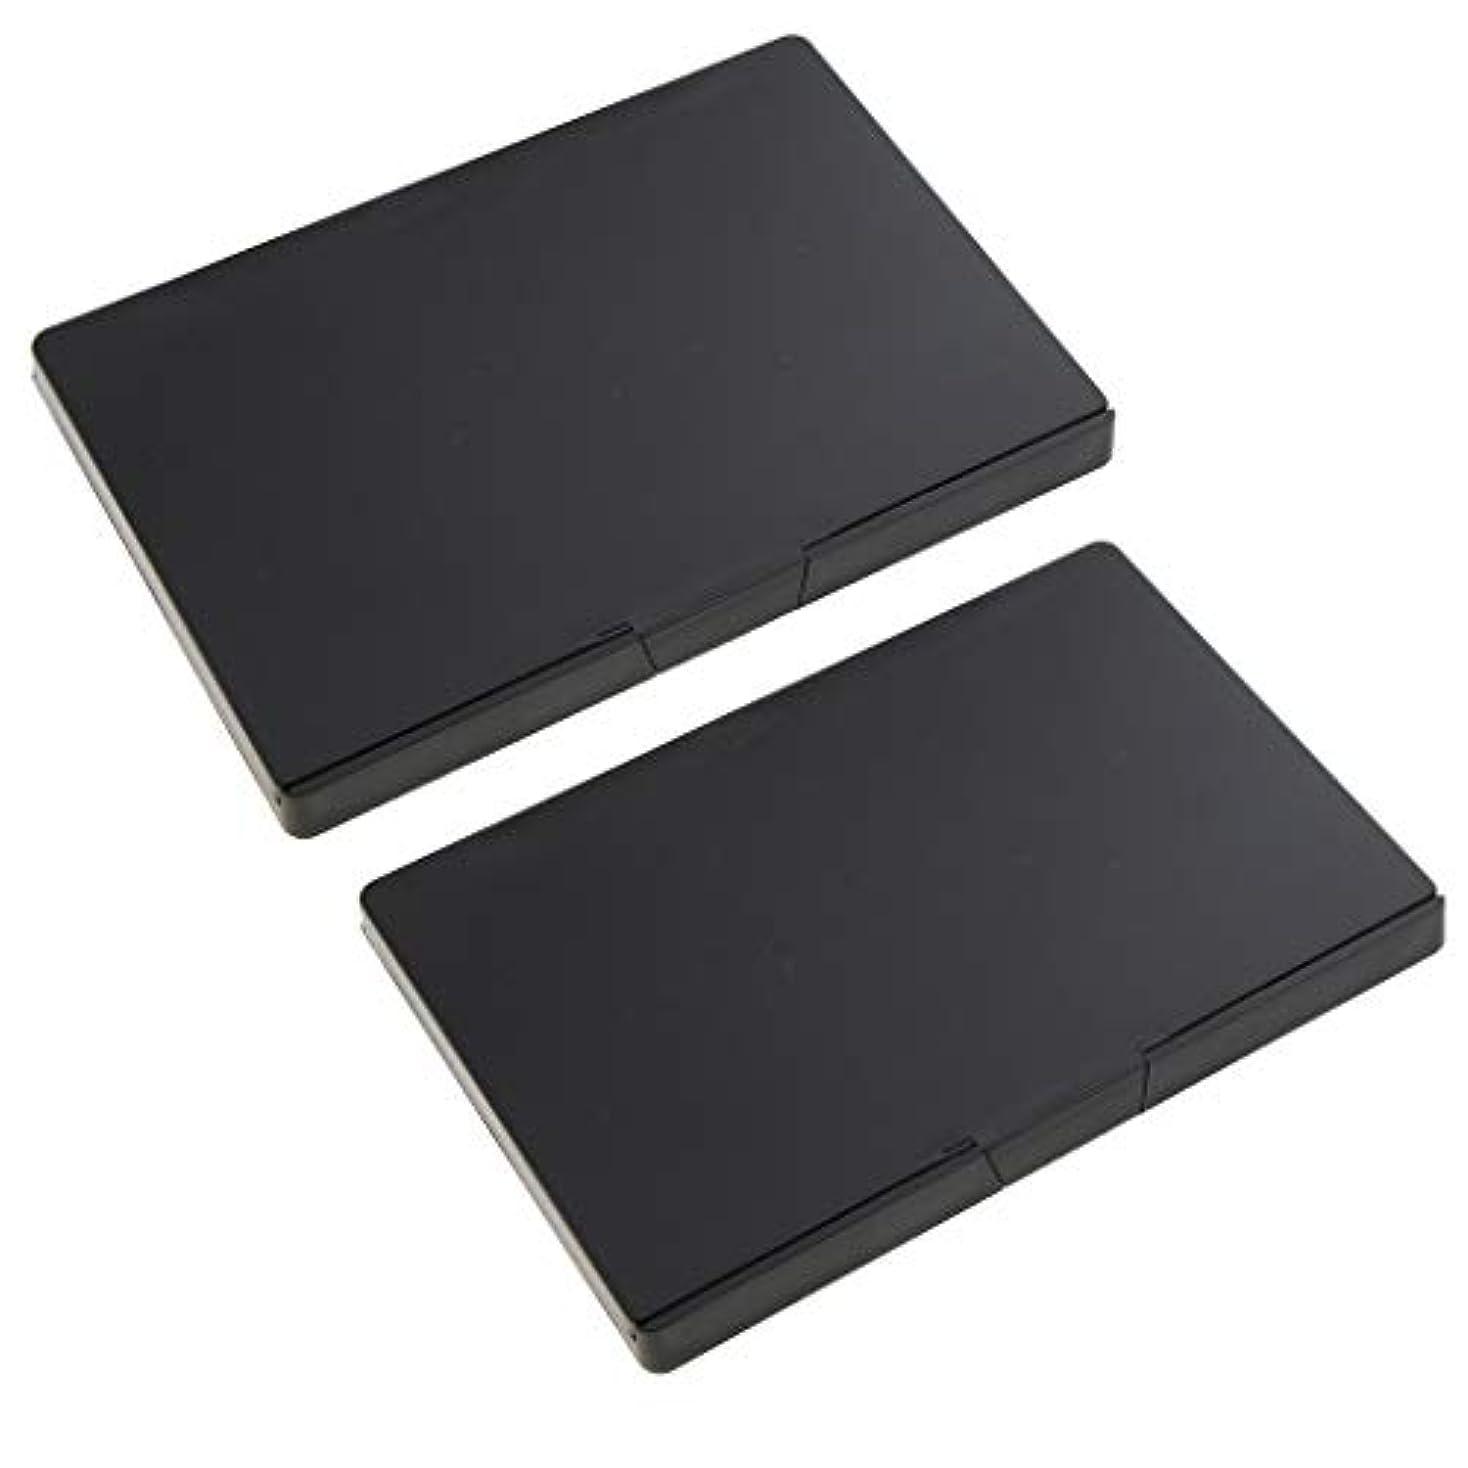 文化トライアスロンマンモス2個 磁気パレット メイクアップパレット 手作り コスメ 小分け容器 旅行 便利